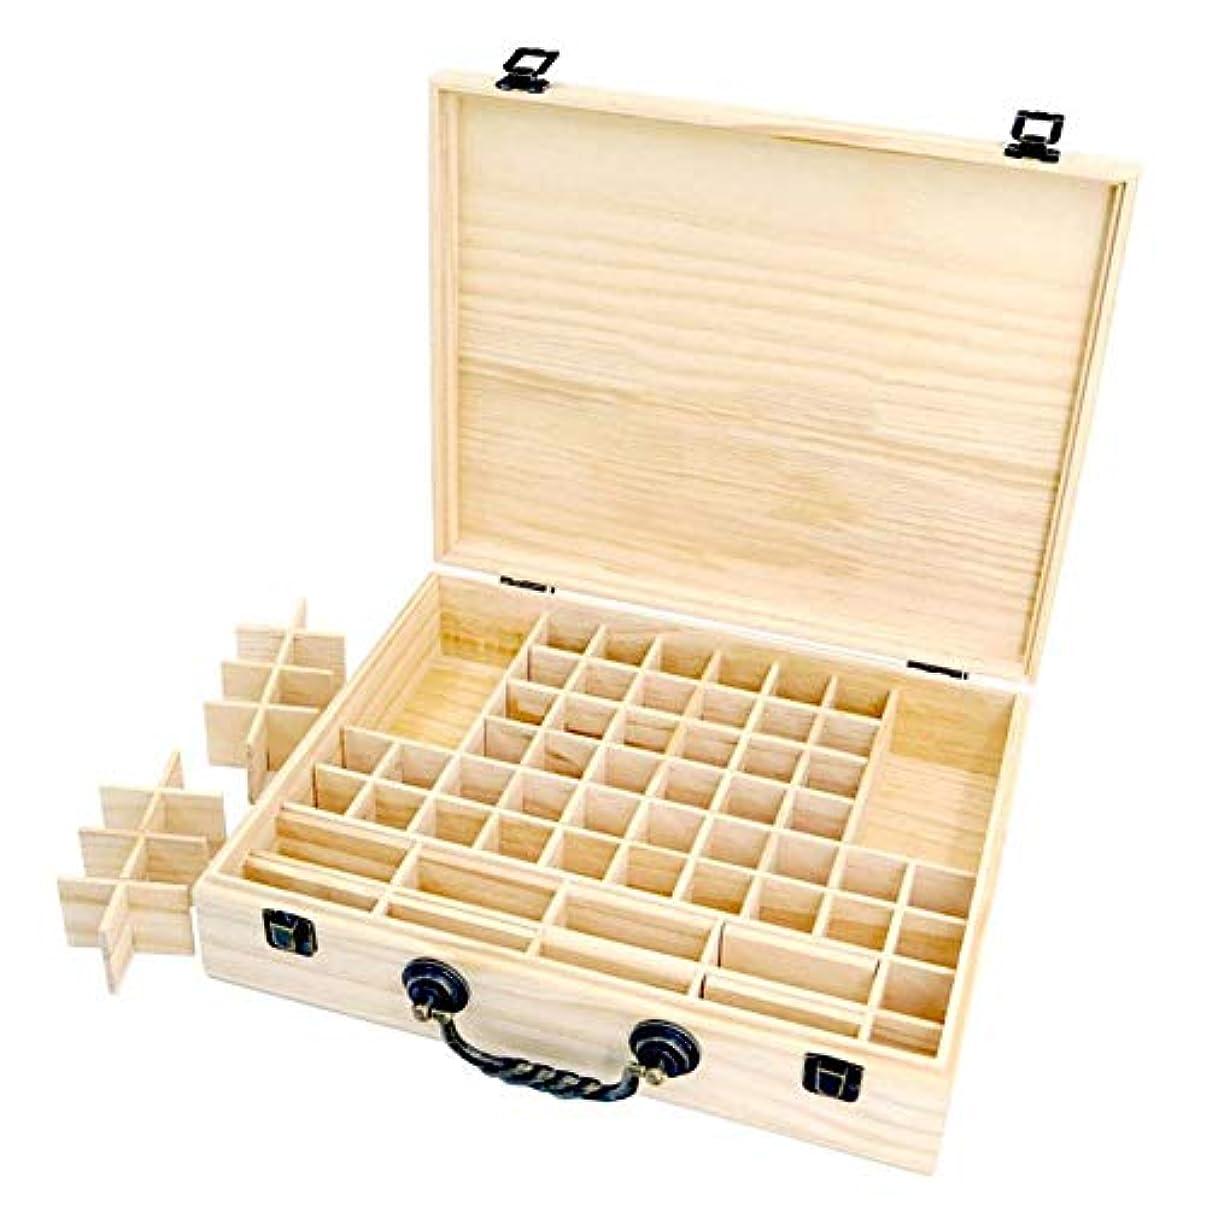 否定するスケッチ子猫エッセンシャルオイル収納ボックス 収納ケース 保存ボックス パイン製 取り外し可能なメッシュ 70グリッド 持ち運び便利 junexi